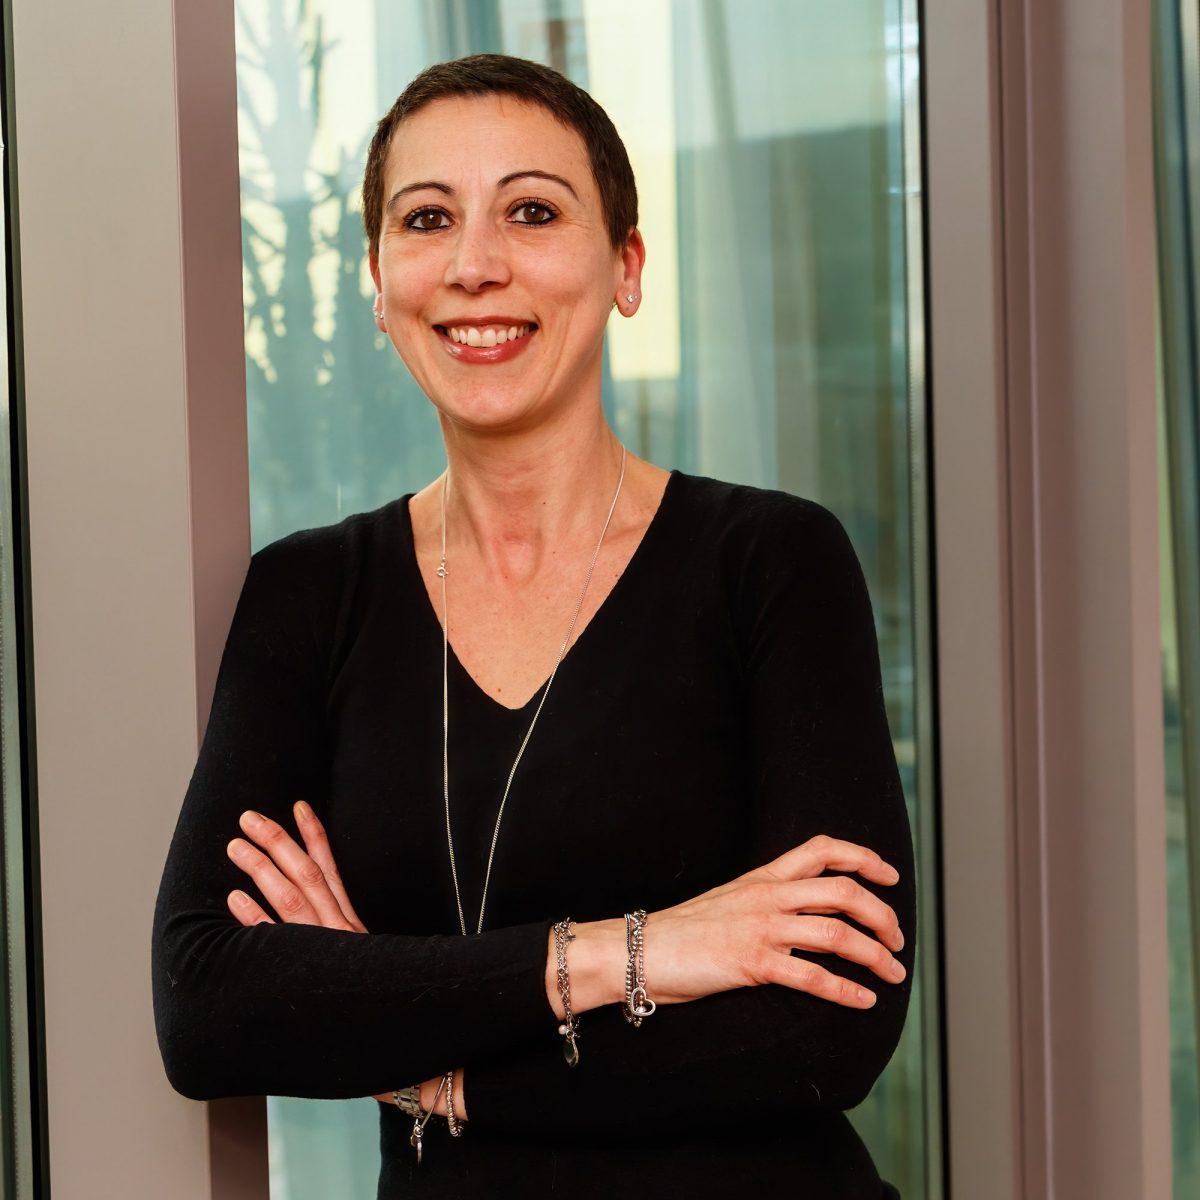 Daria Faggion